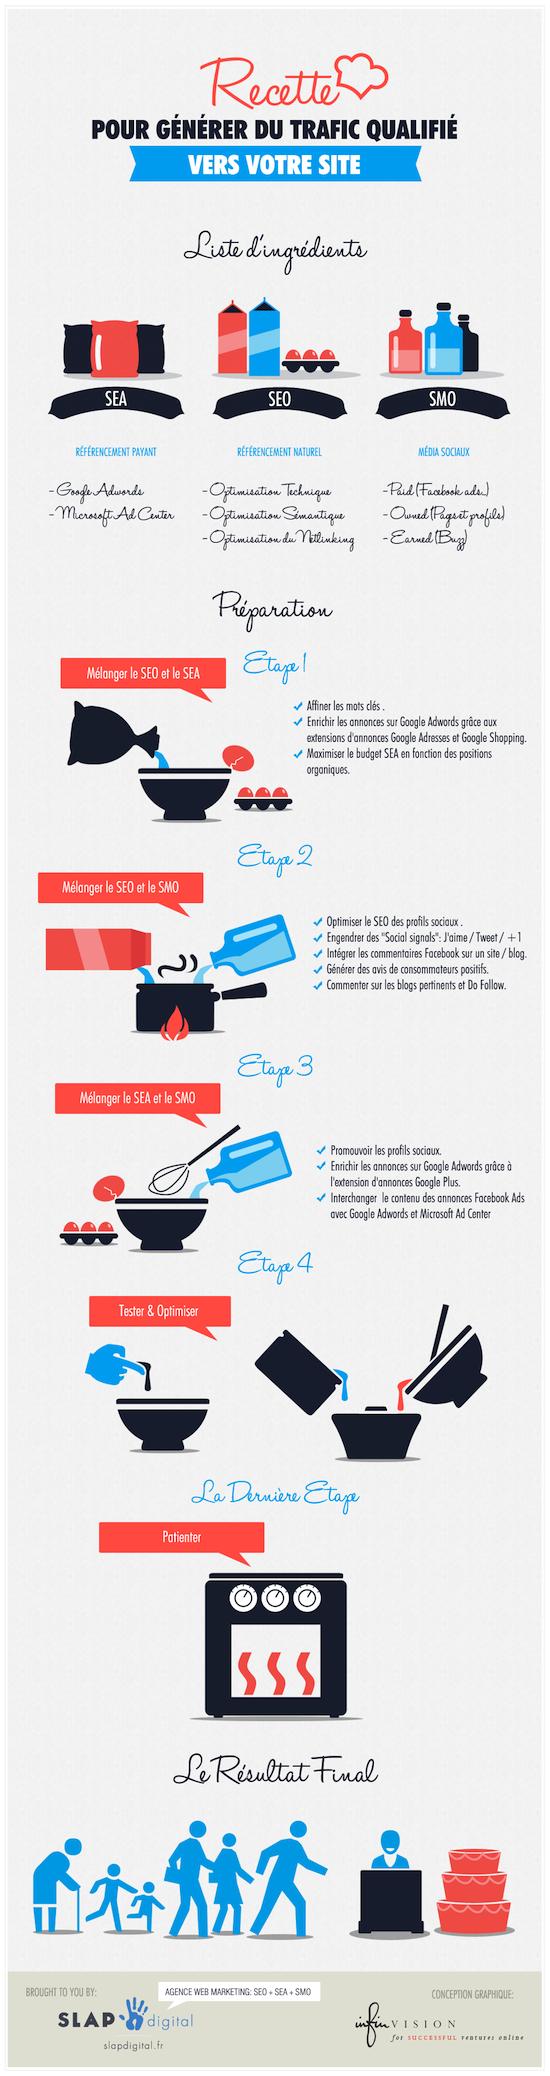 Recette Infographie SEO SEA SMO SEO SEA SMO : Générer du trafic vers votre site